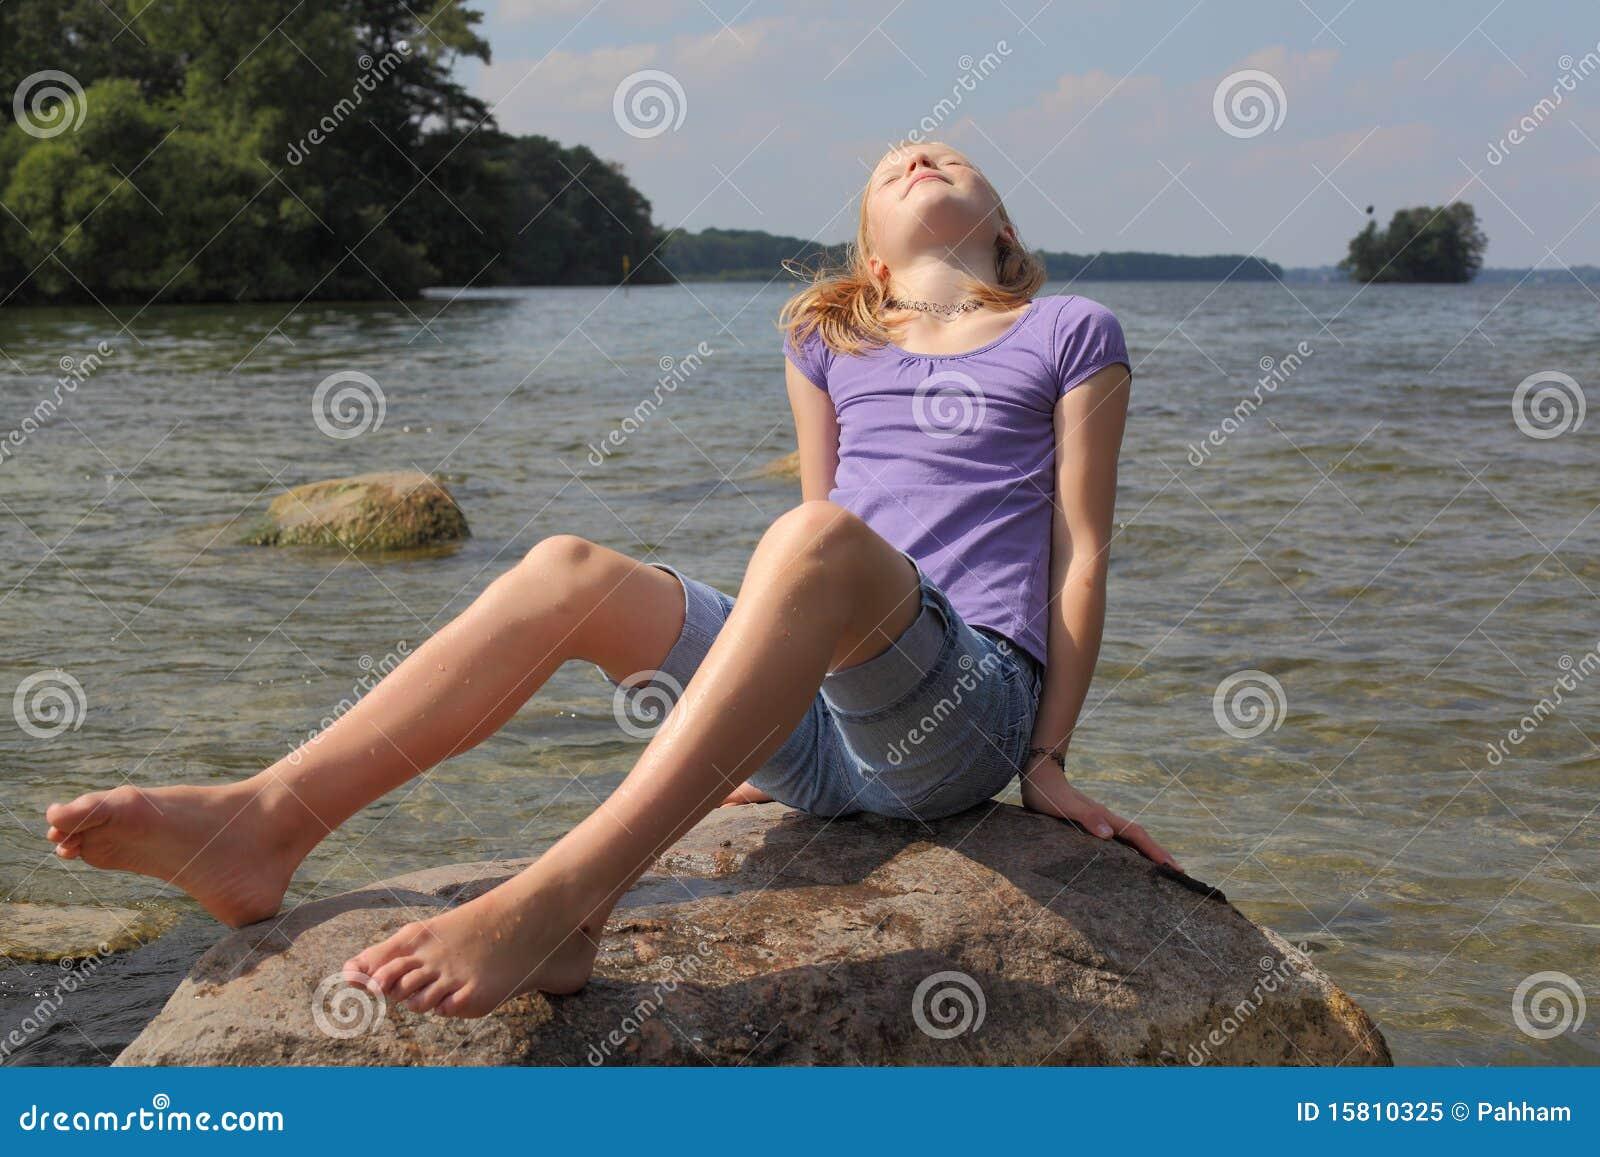 Sun bathing at the lake stock image. Image of enjoyment - 15810325 43ebc9fcbe8